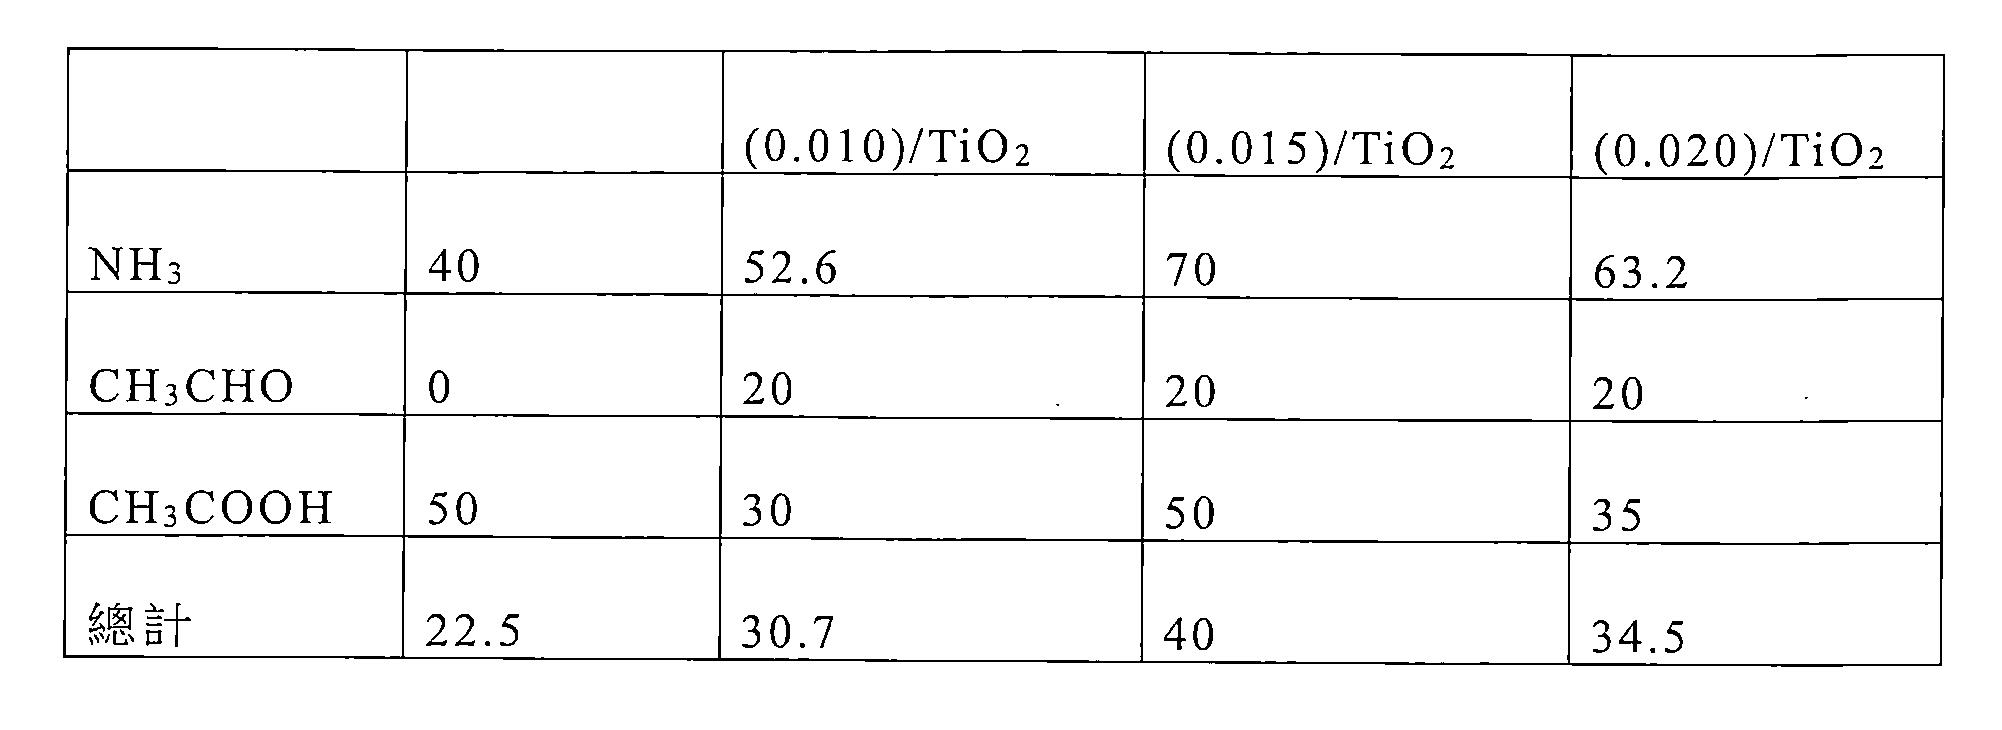 Figure TWI609718BD00002